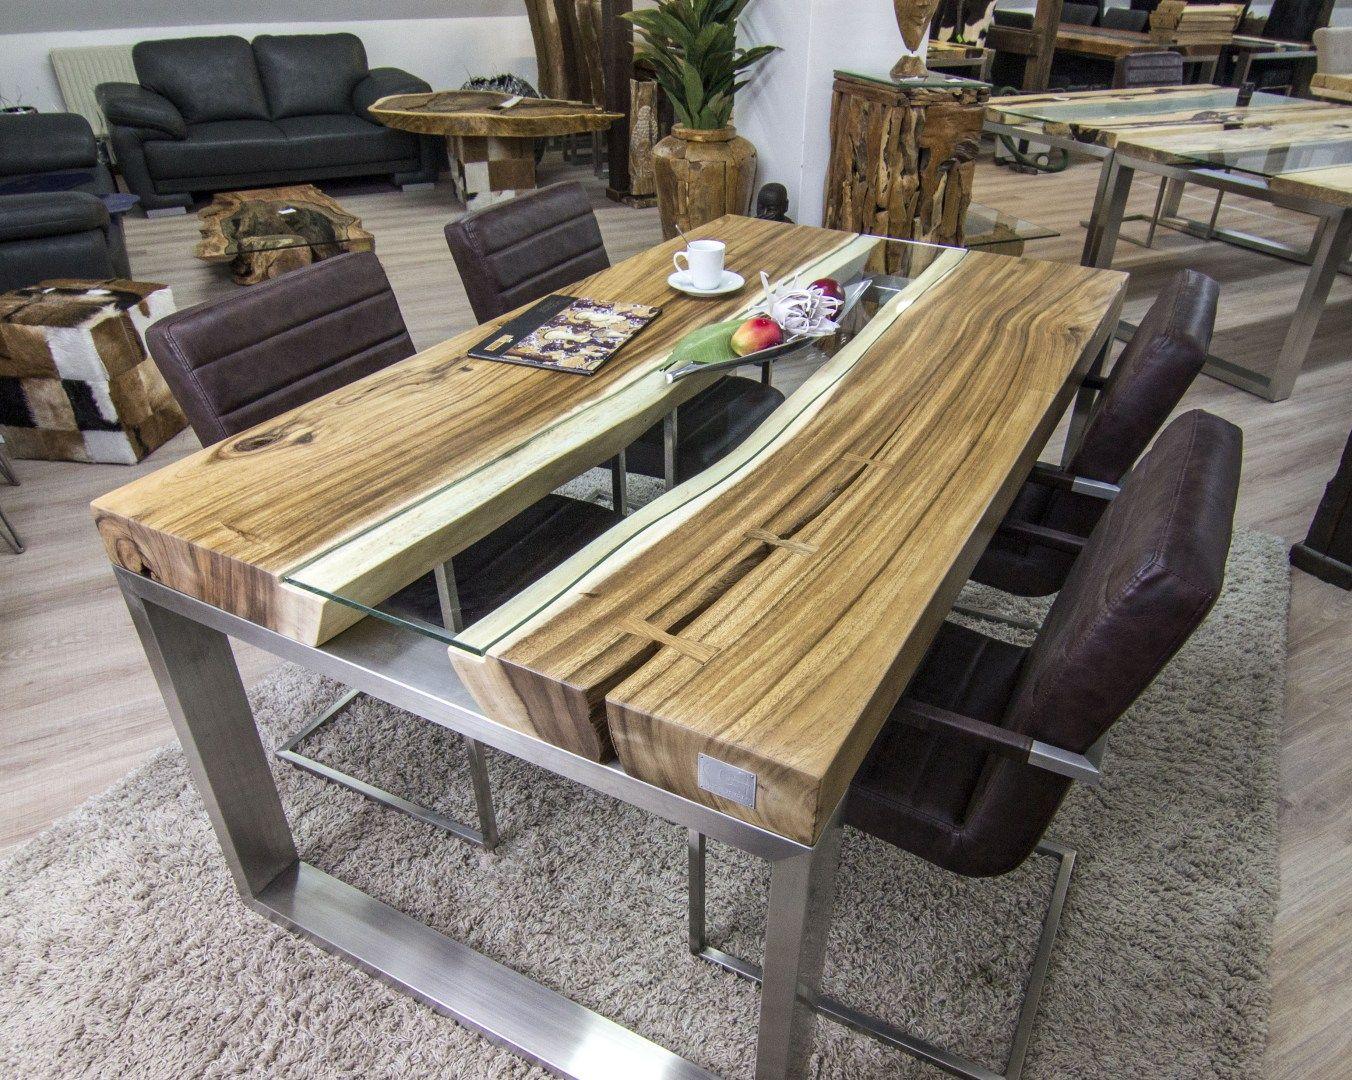 der tischonkel designertisch massivholztisch mit glas und edelstahl haus und garten. Black Bedroom Furniture Sets. Home Design Ideas